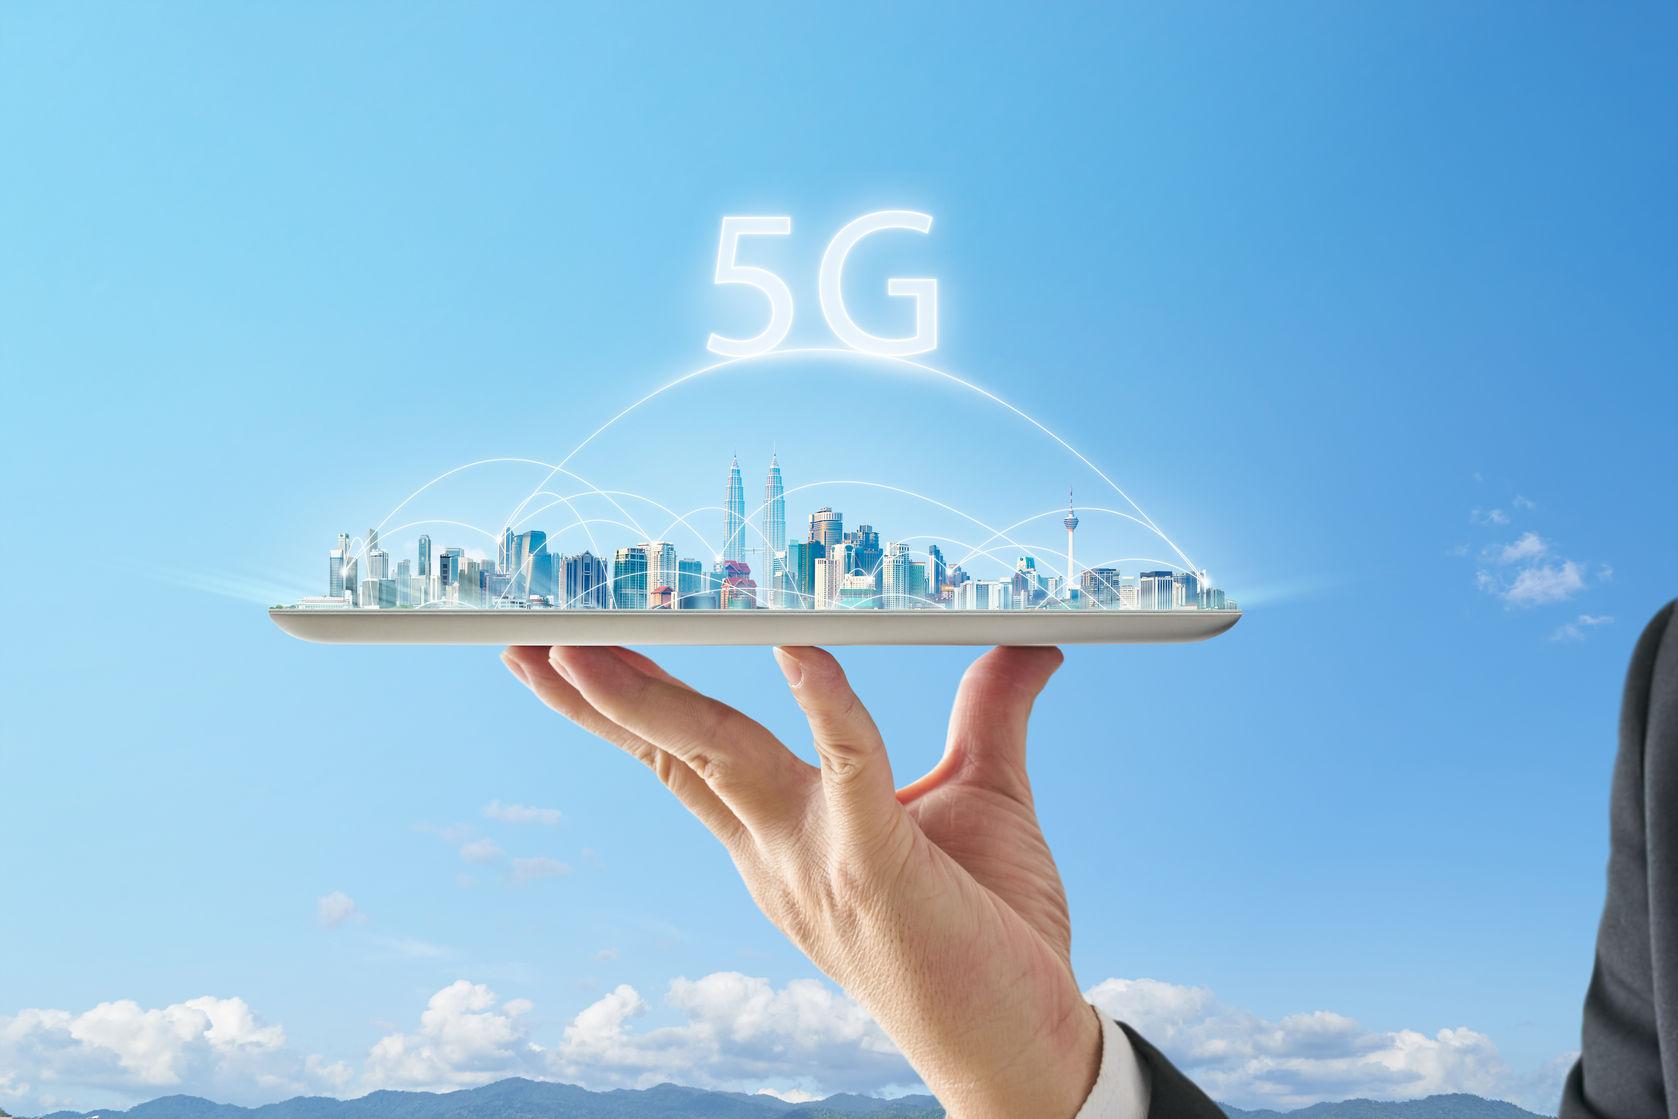 5G牌照预估今年发放 规模商用渐行渐近